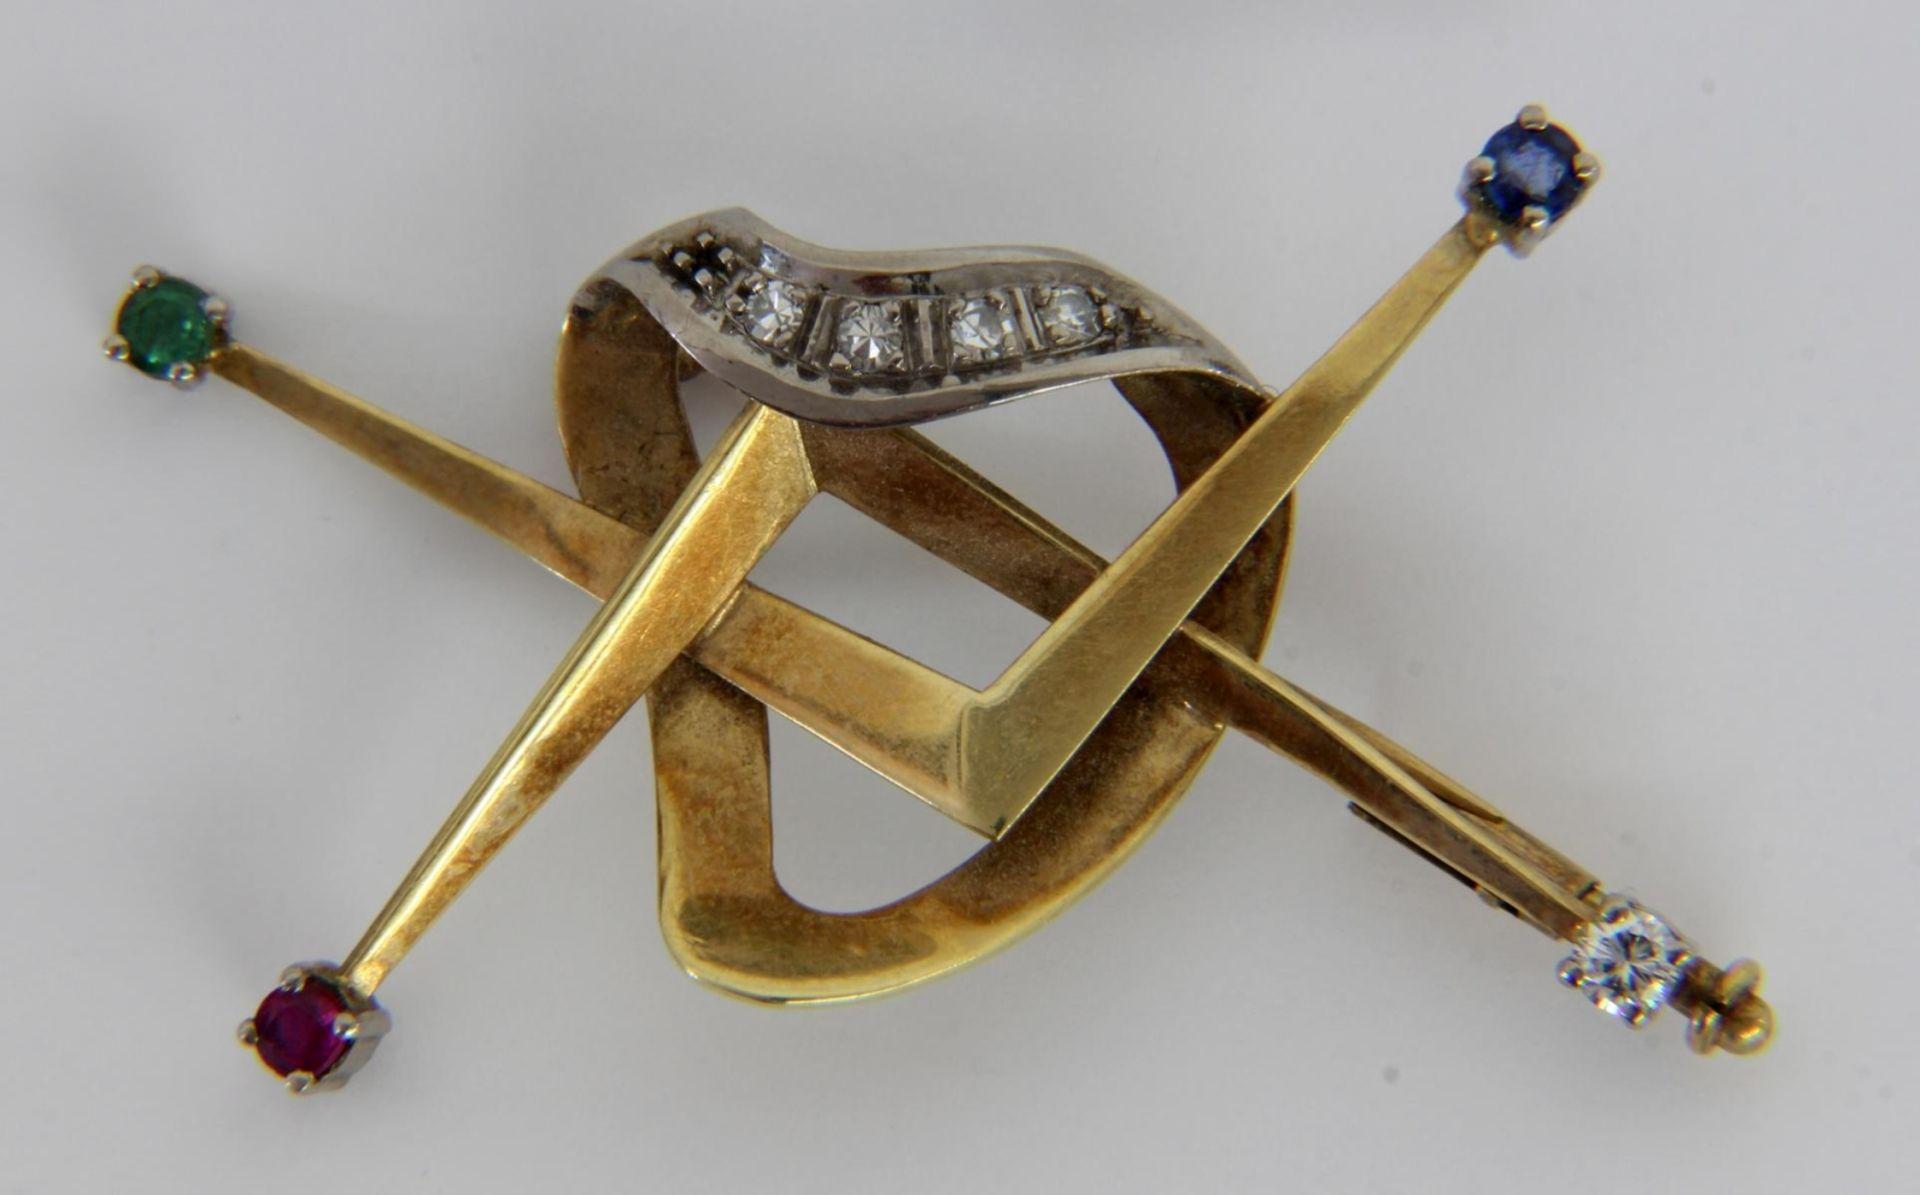 BROSCHE 585/000 Gelbgold mit Diamanten - Bild 2 aus 2